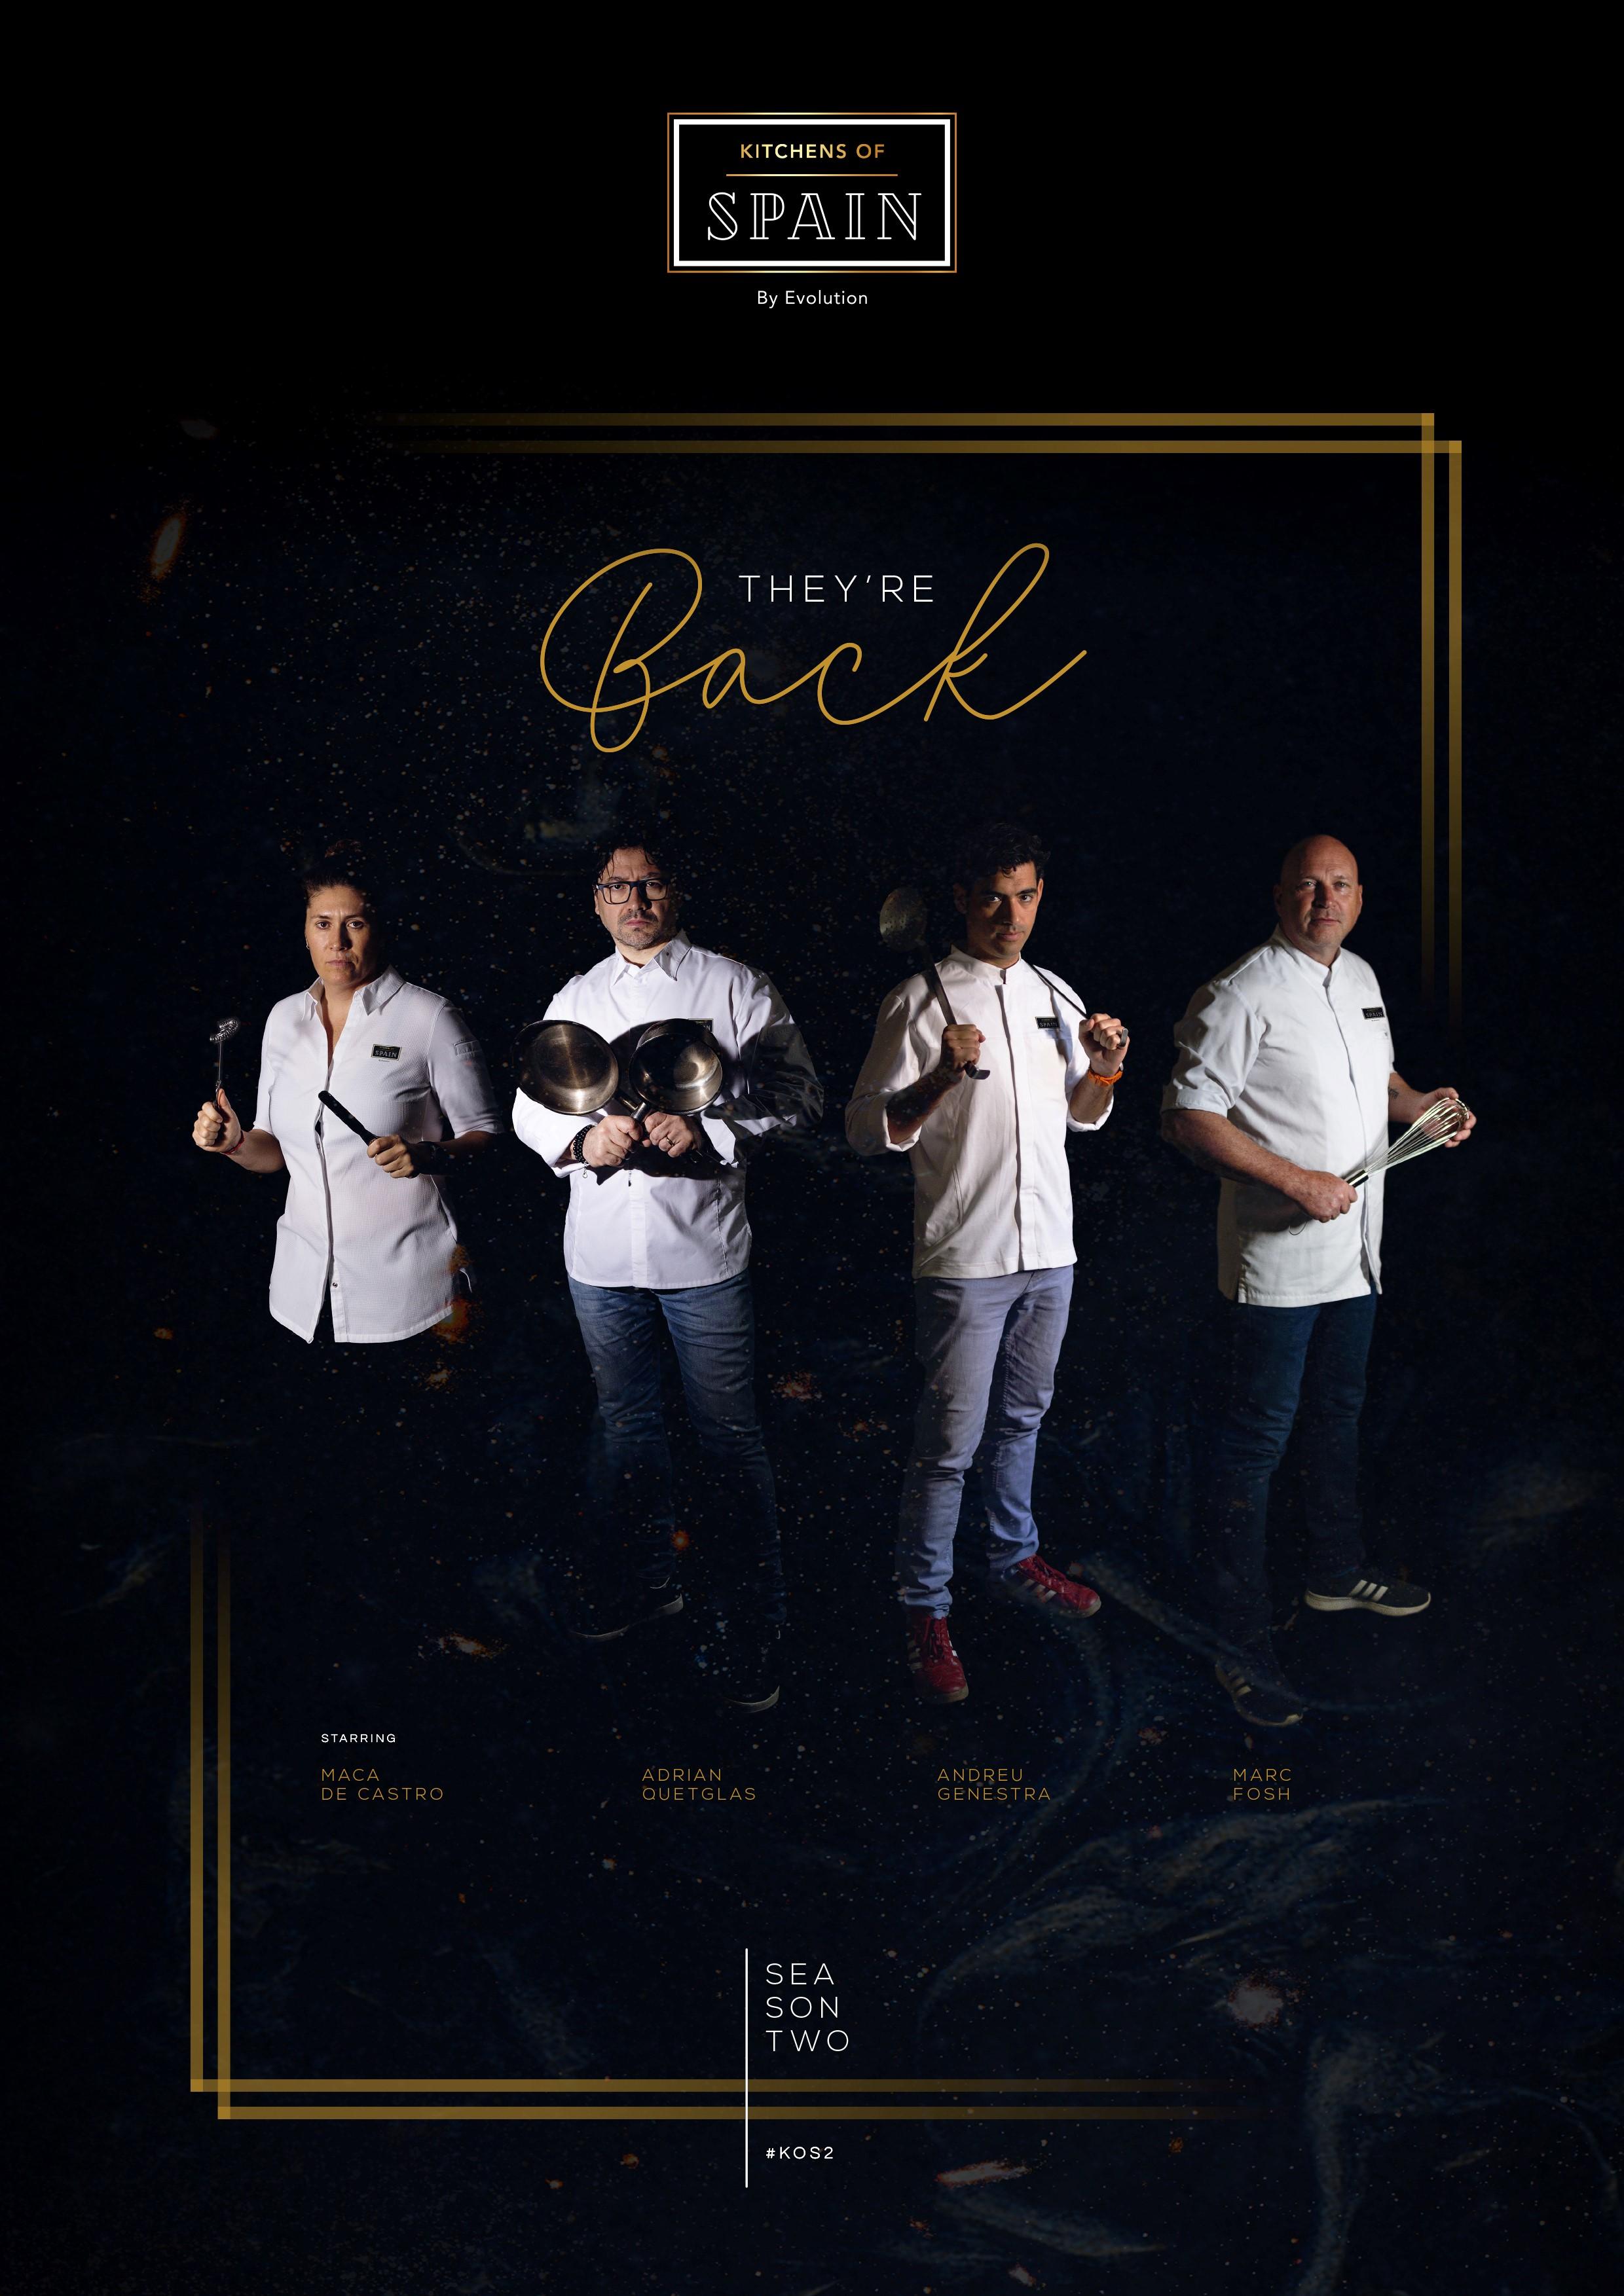 Michelin Starred Chefs are back